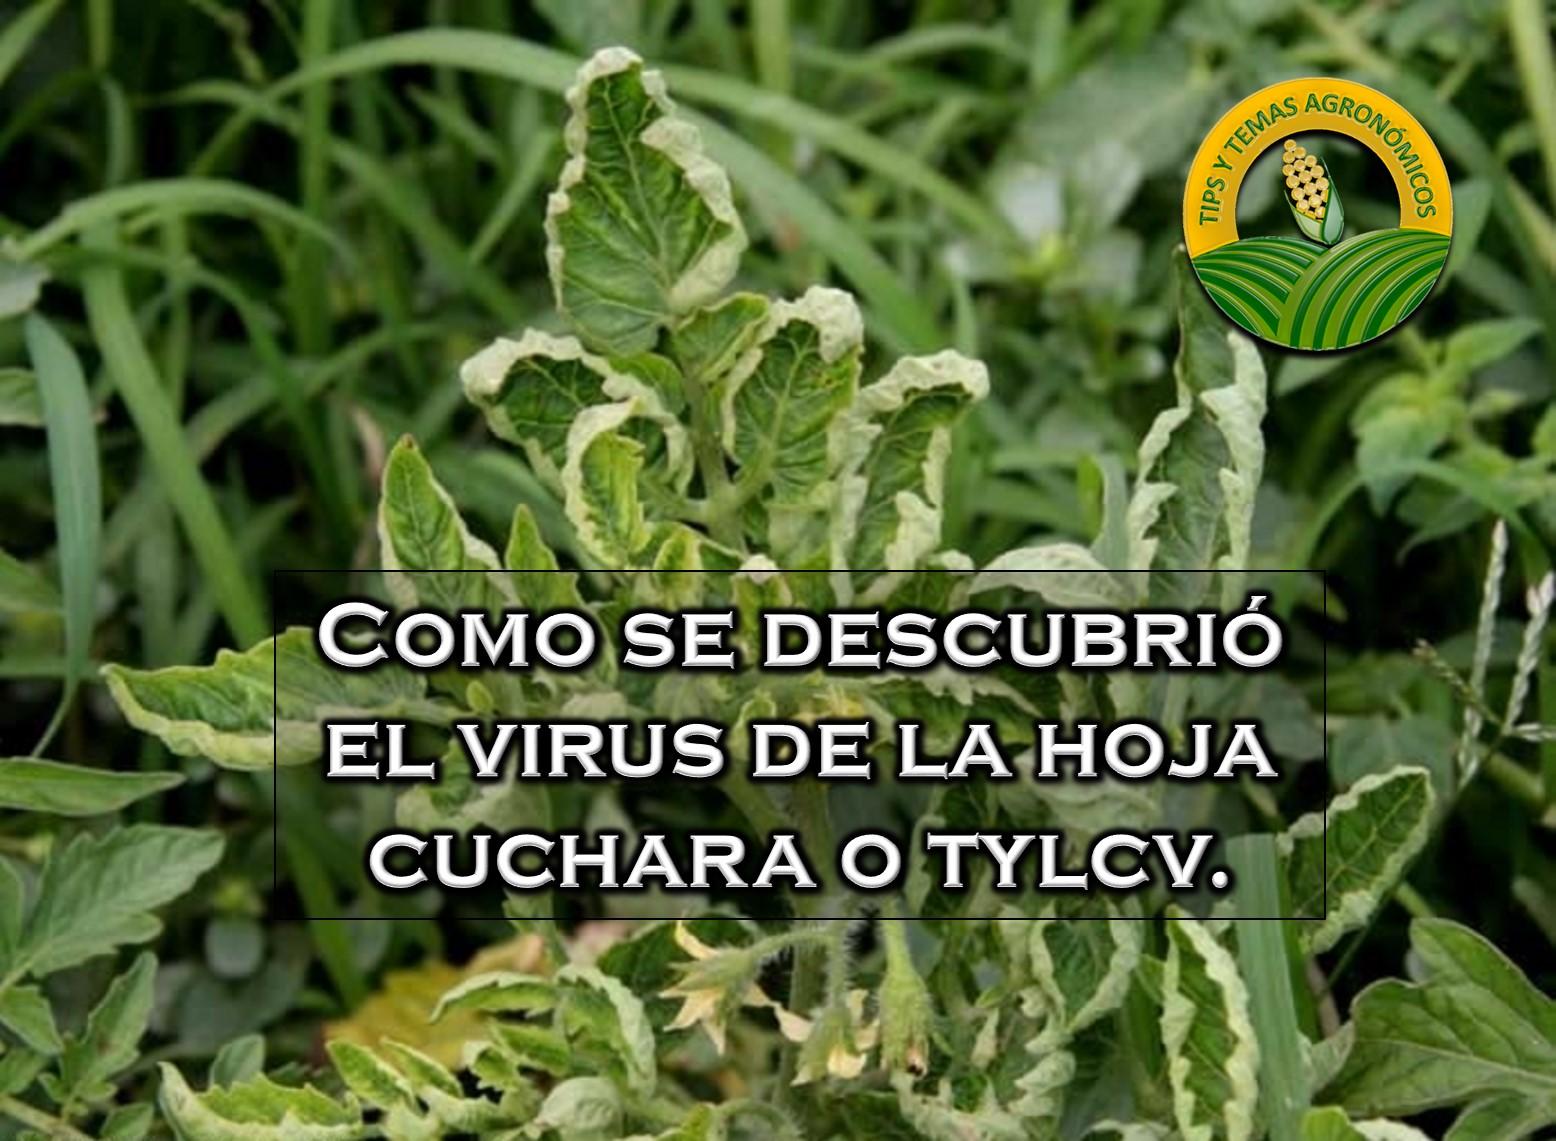 Cuando se descubrió el virus de la hoja cuchara.